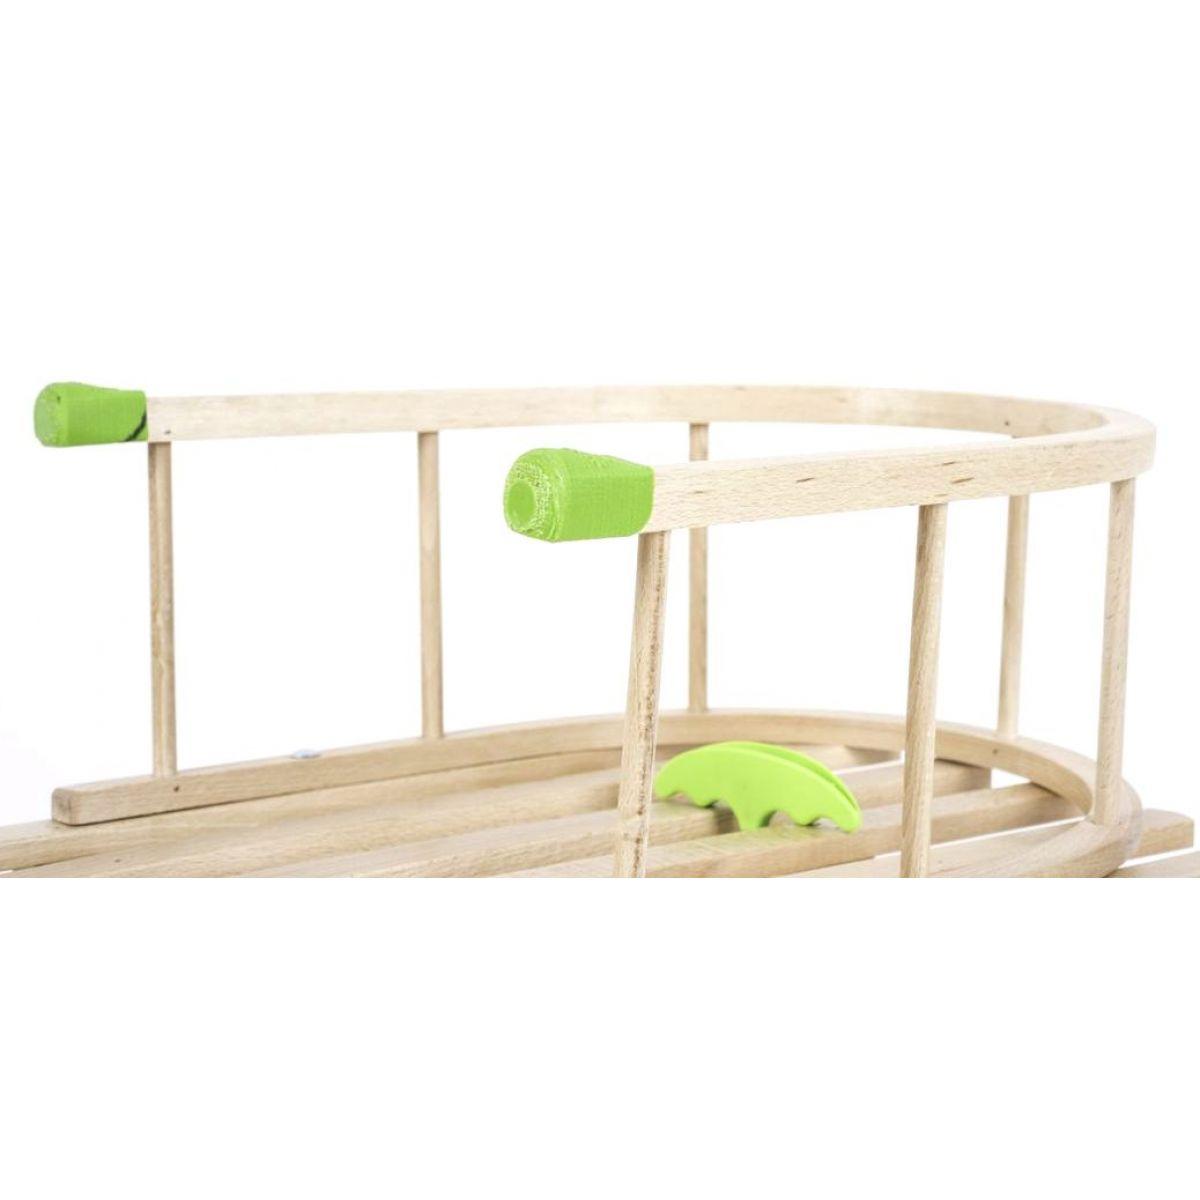 Plastkon Opěrka k saním dřevěná zelené prvky